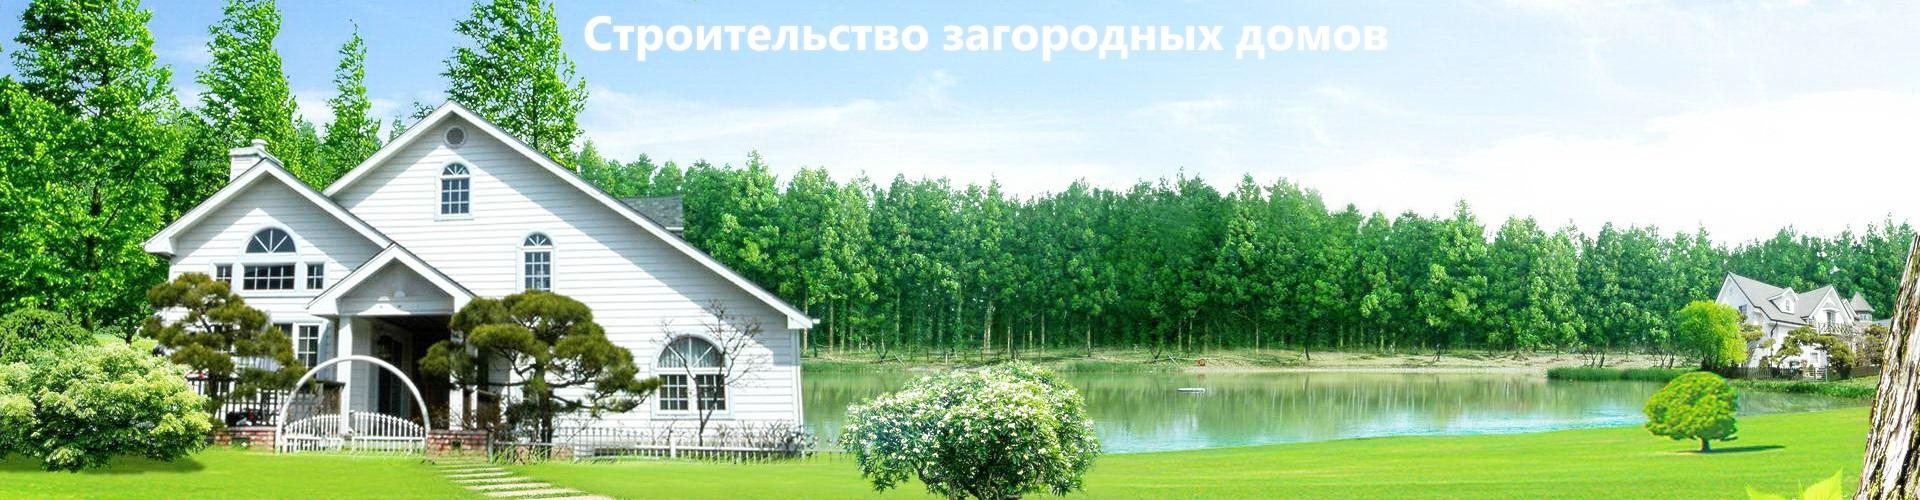 LESPROM SPB - Строительство загородных домов